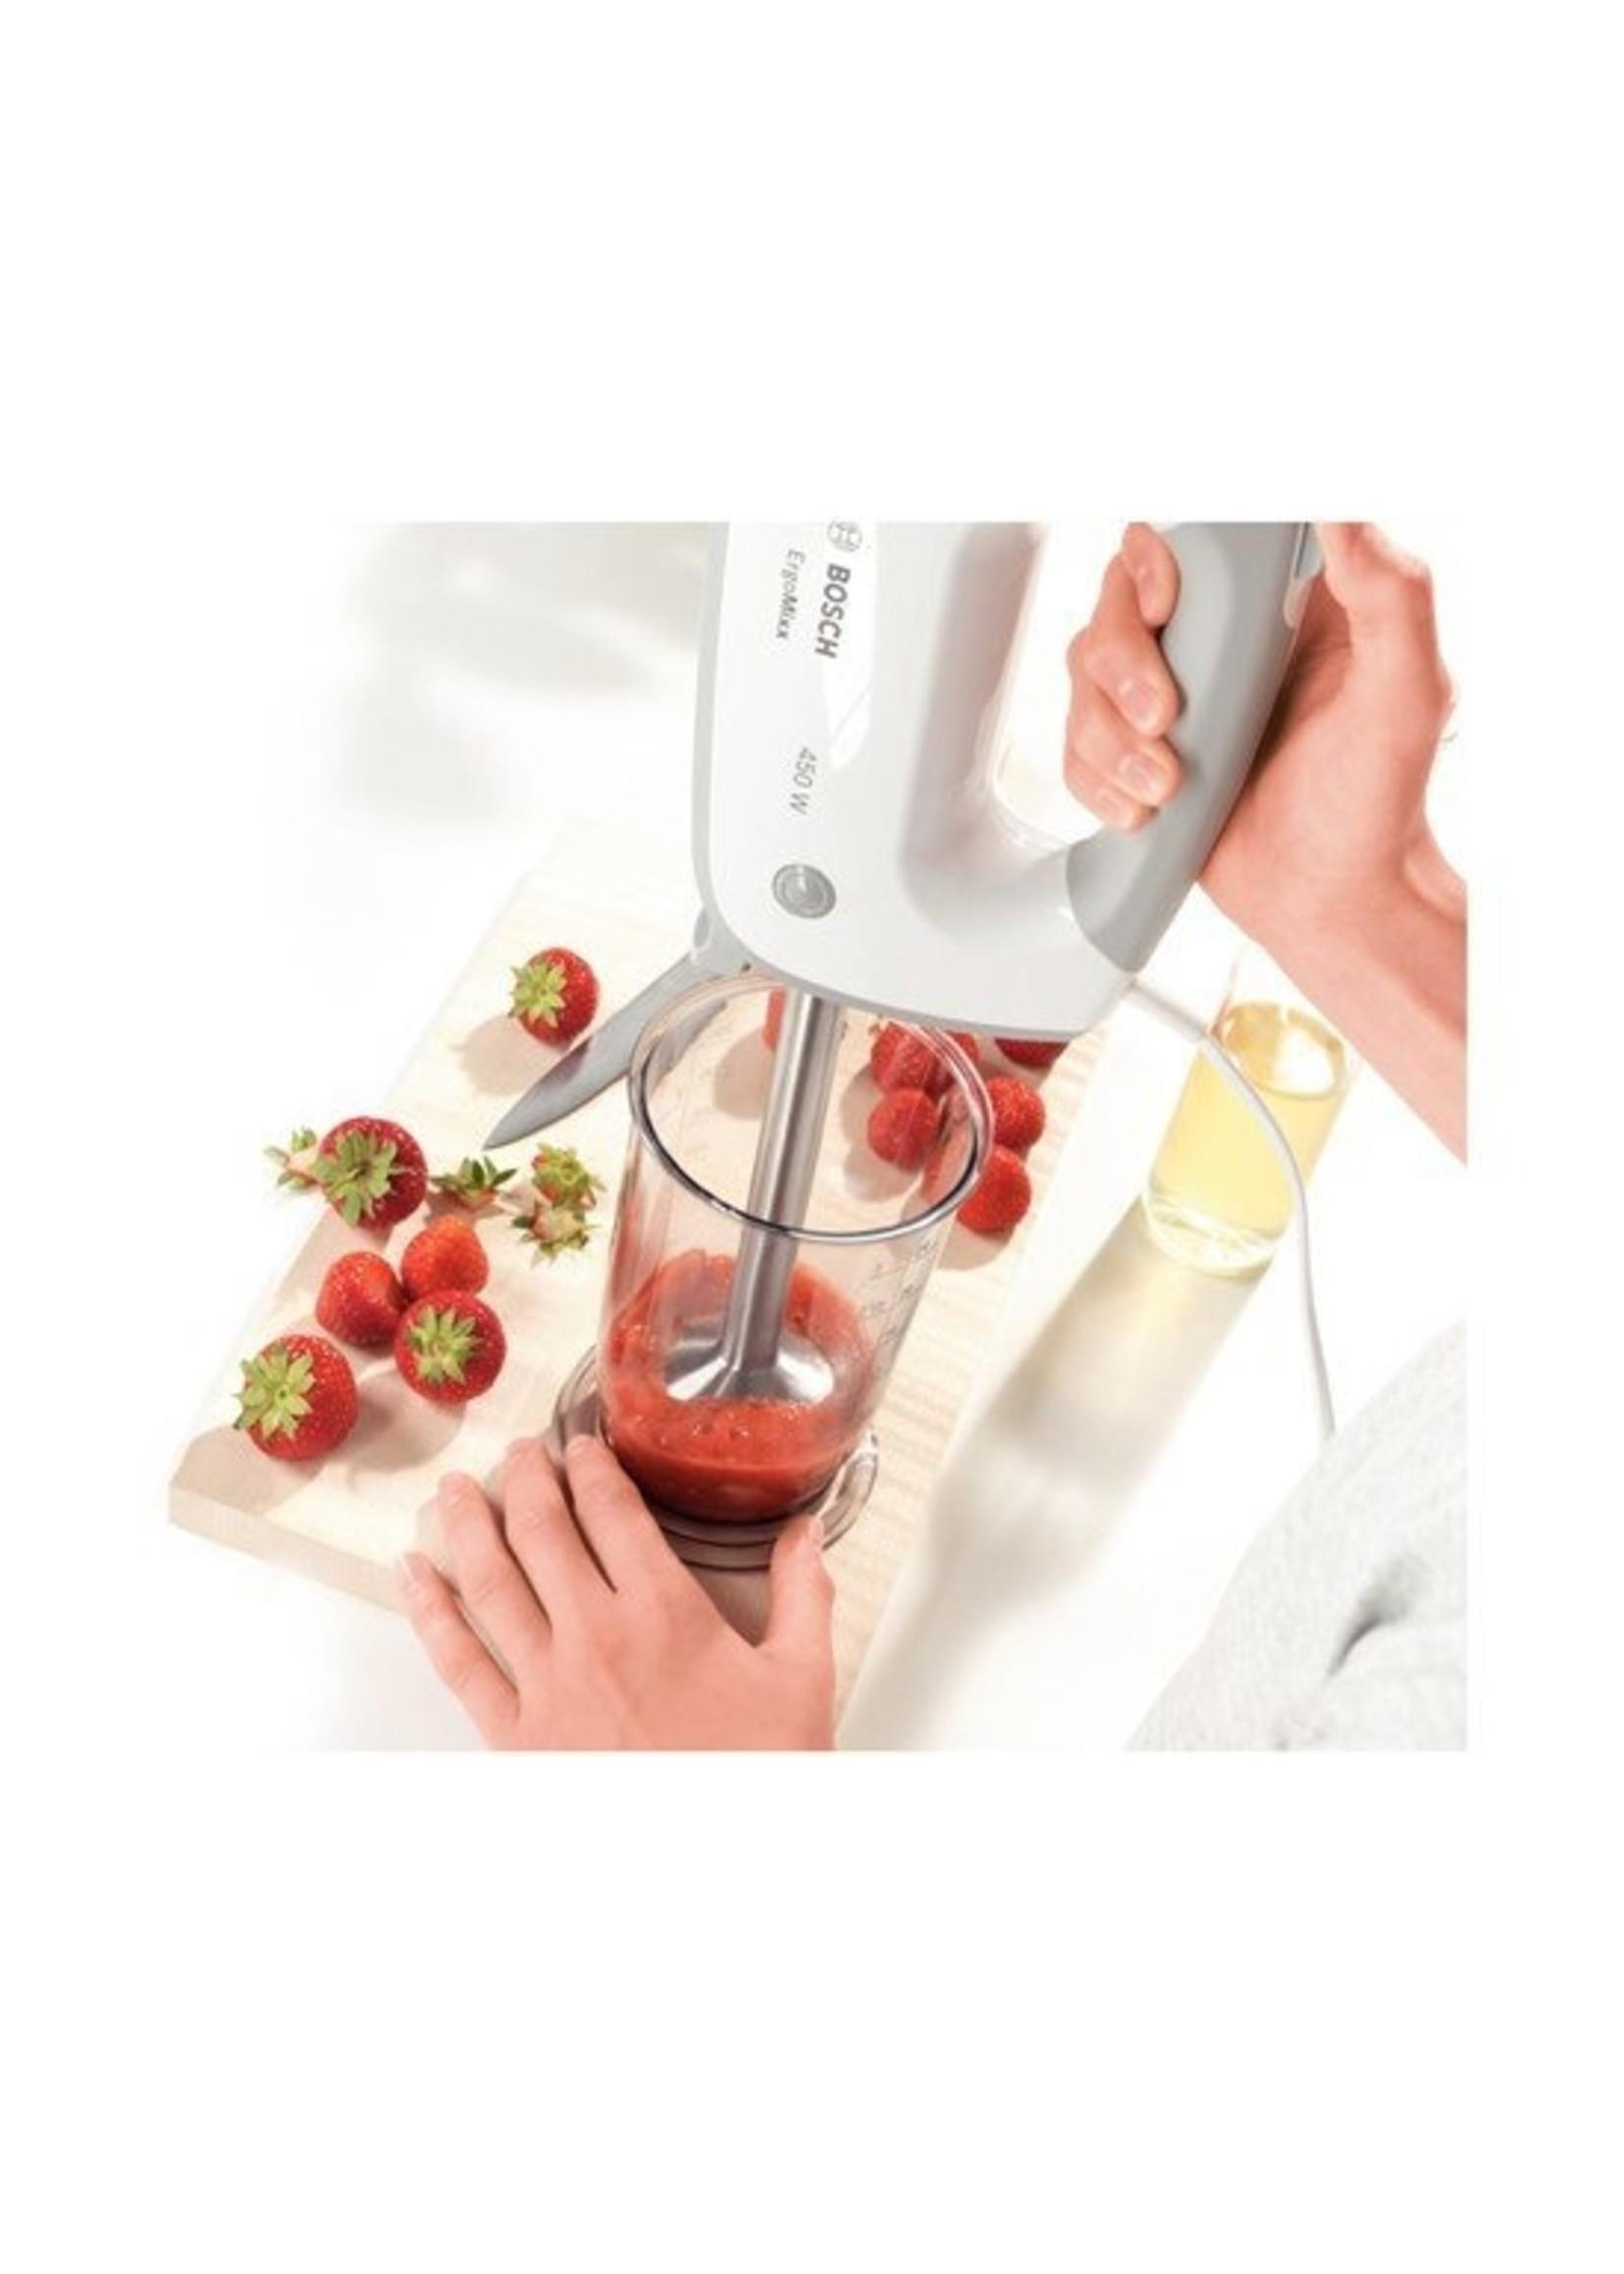 Bosch Bosch MFQ36470 Handmixer 450W Wit mixer